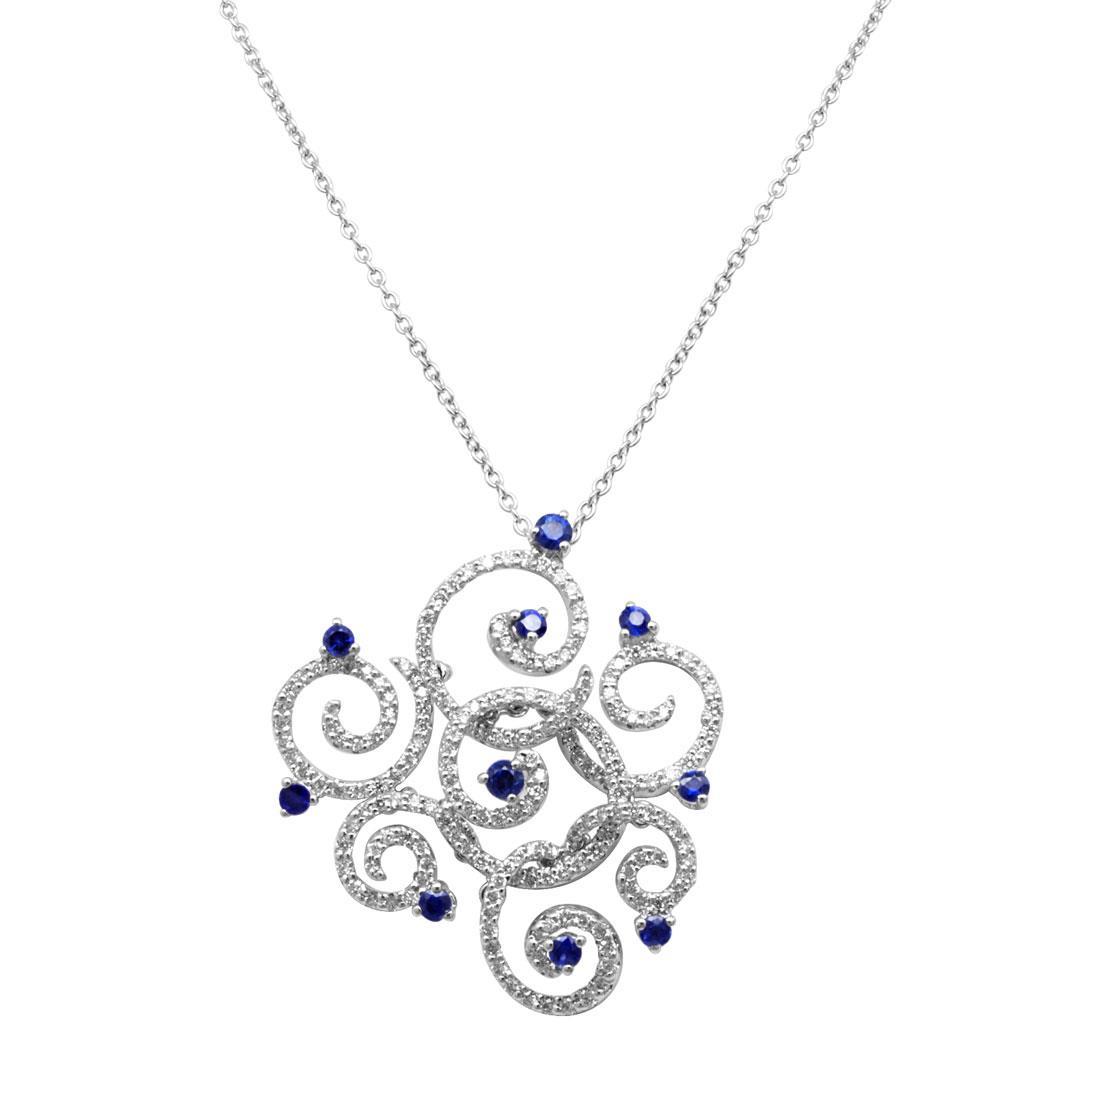 Collana in oro bianco con diamanti ct 1.00 e zaffiri - SALVINI